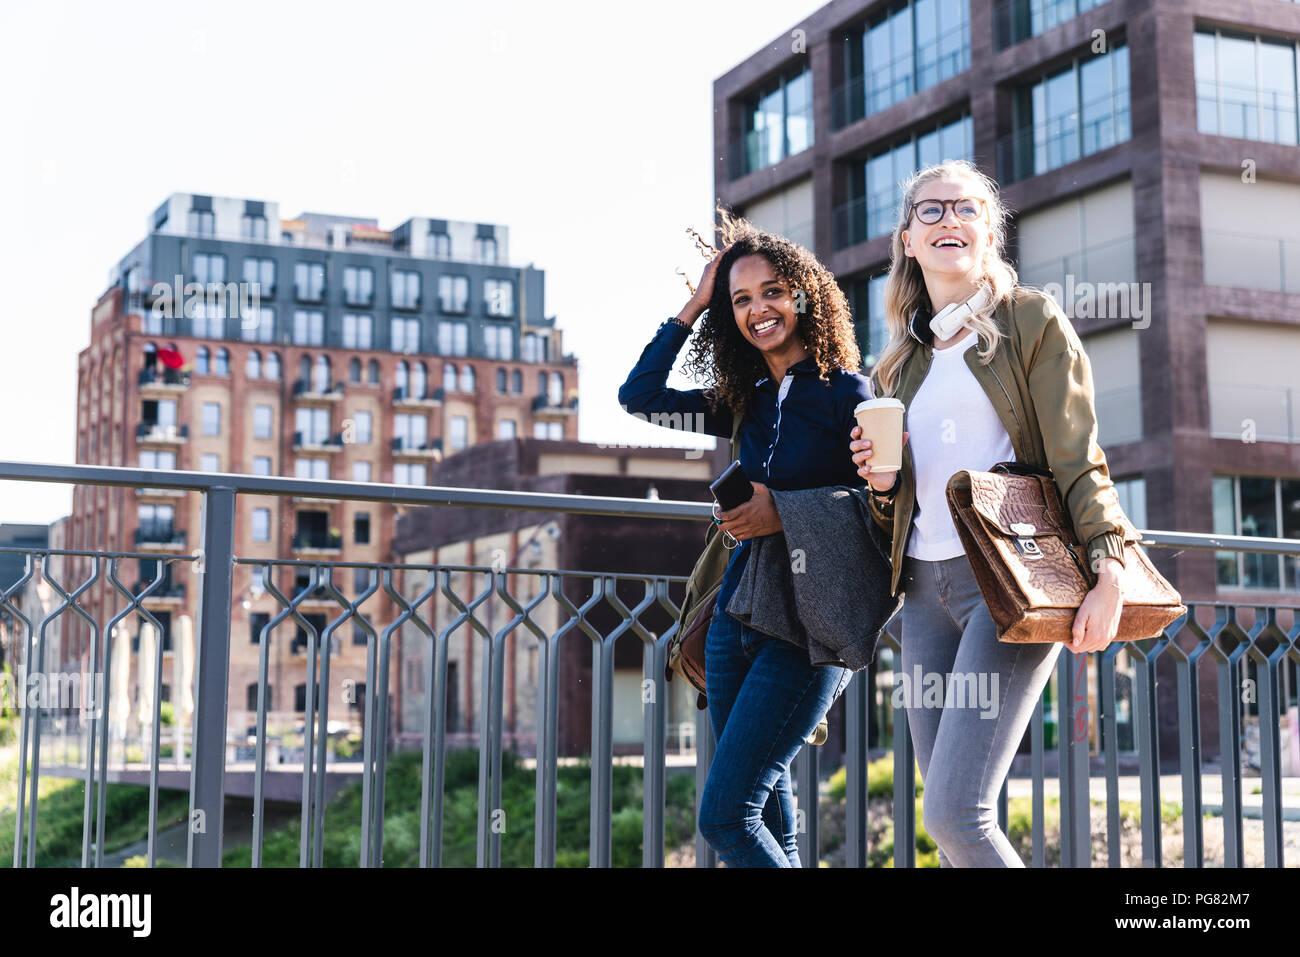 Amici camminando sul ponte, parlando, divertendosi Immagini Stock